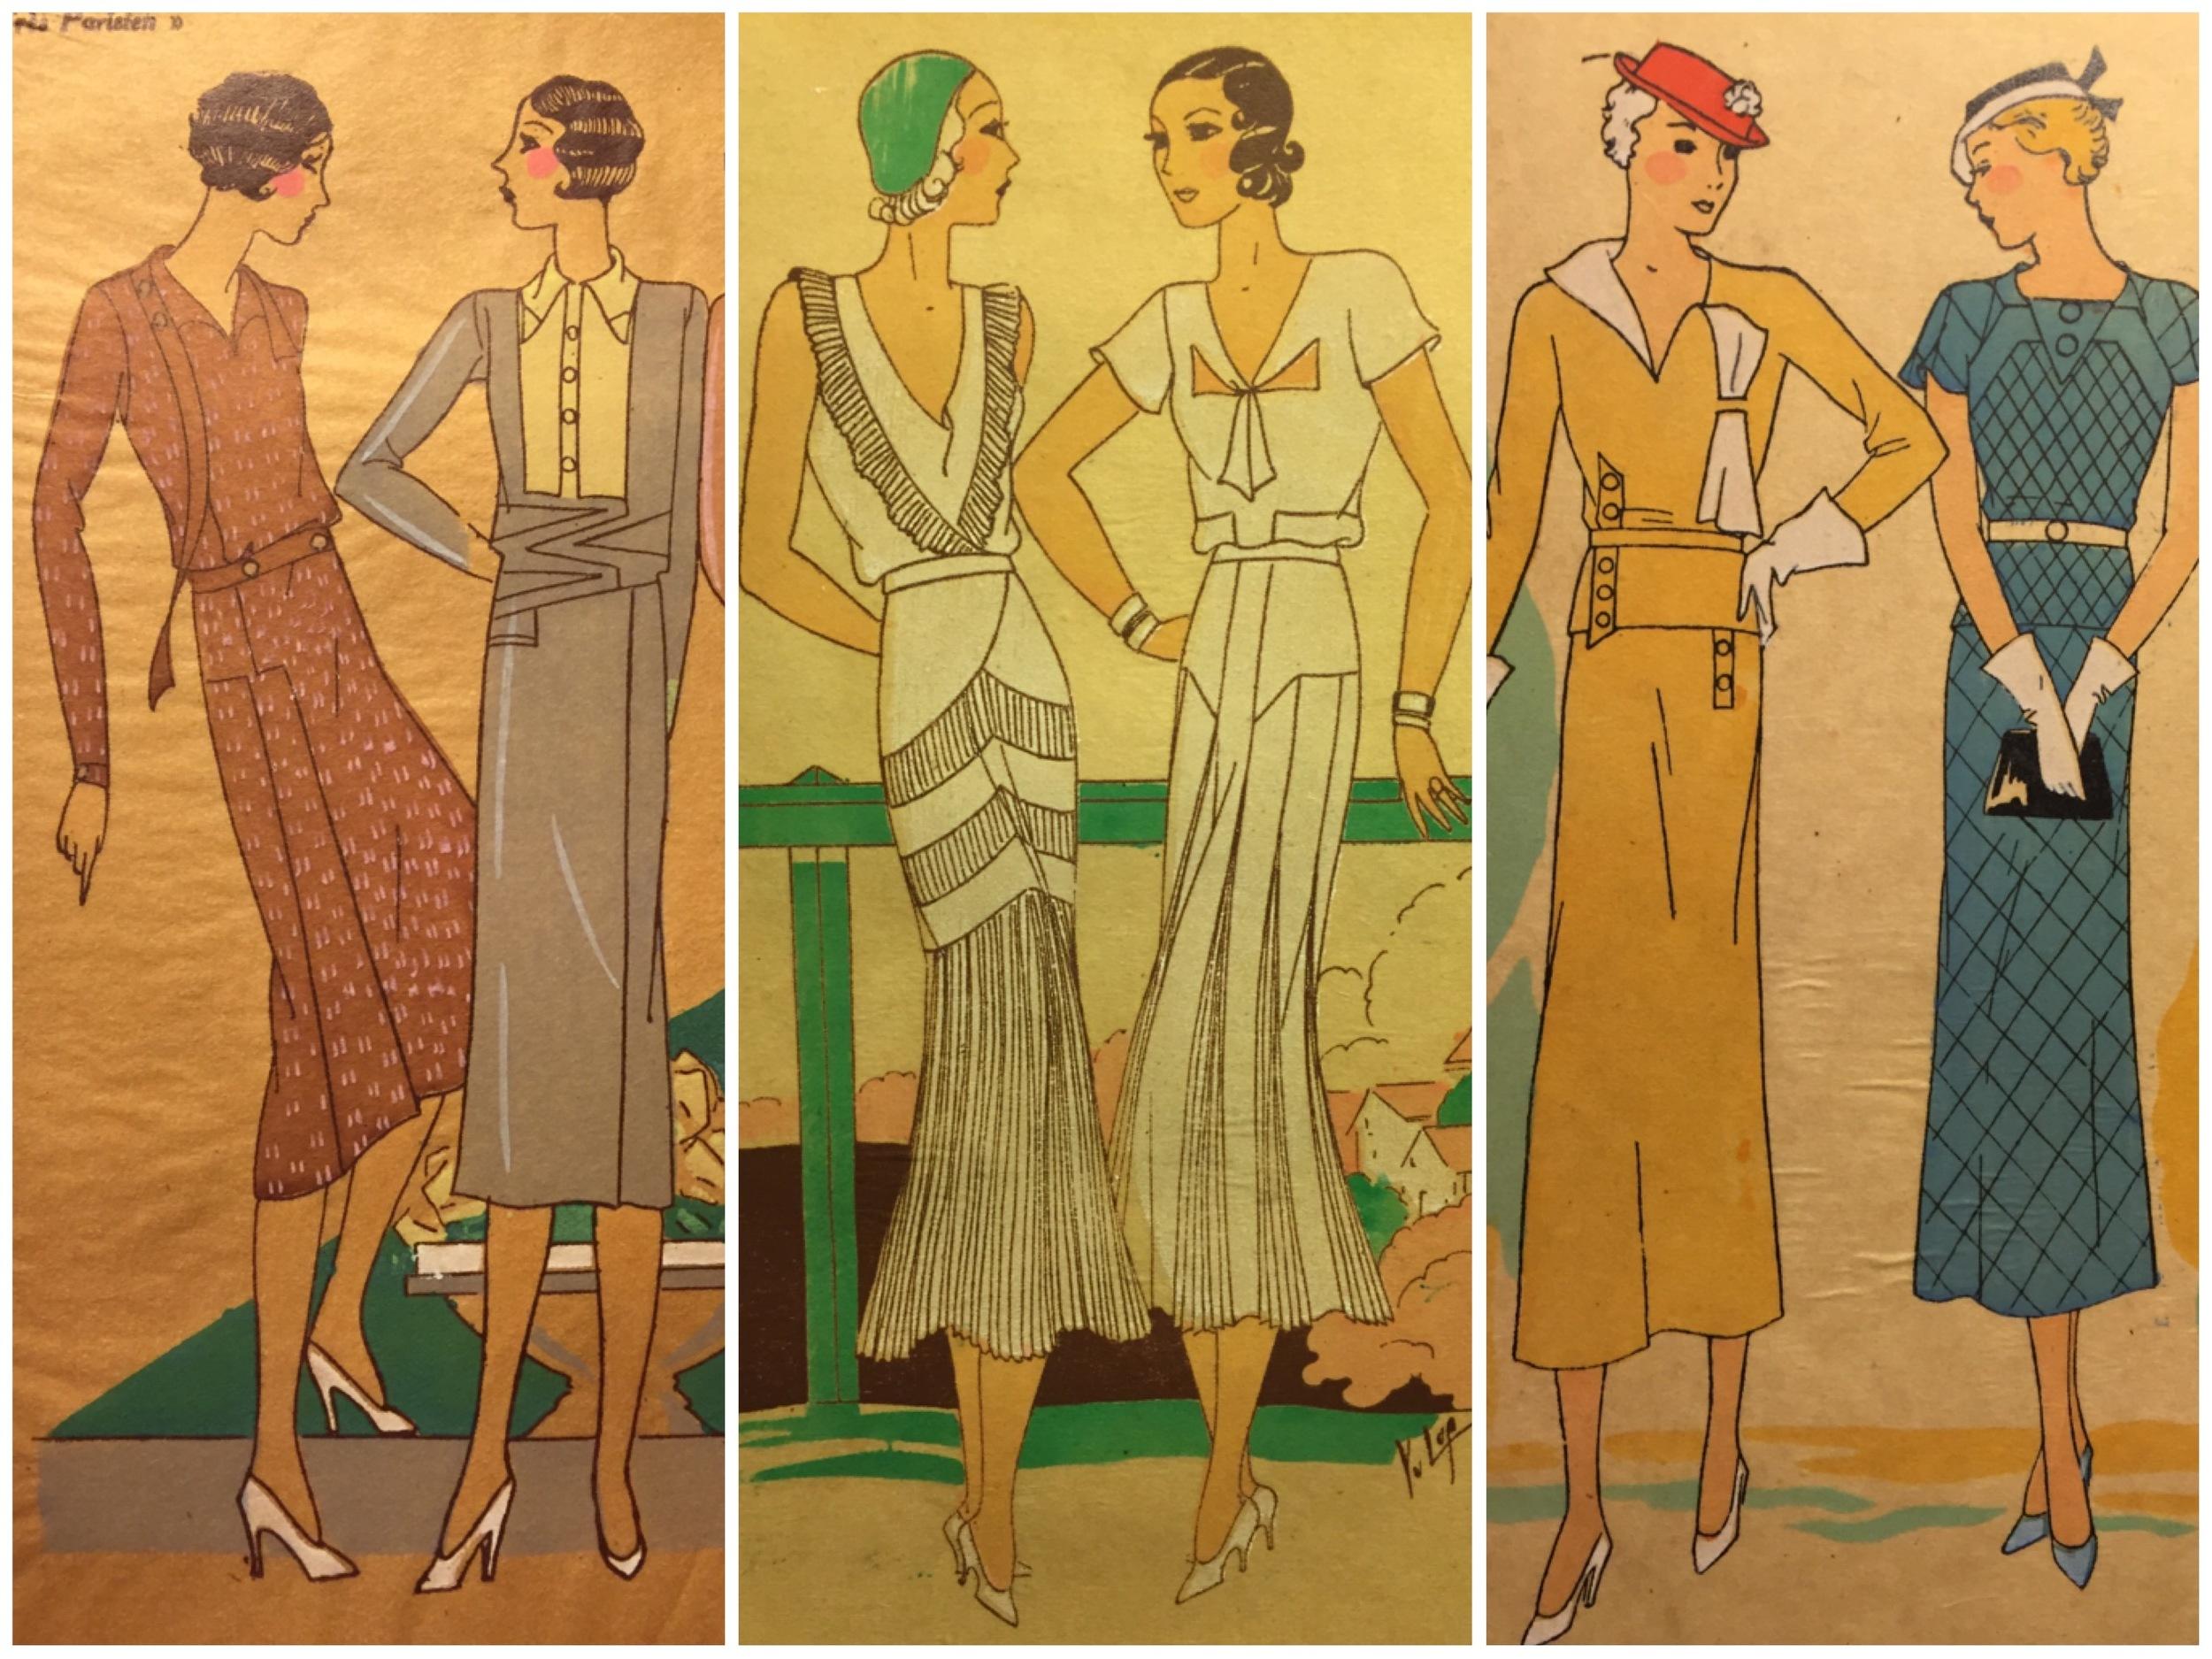 Tres Parisien 1930, 1930, 1933